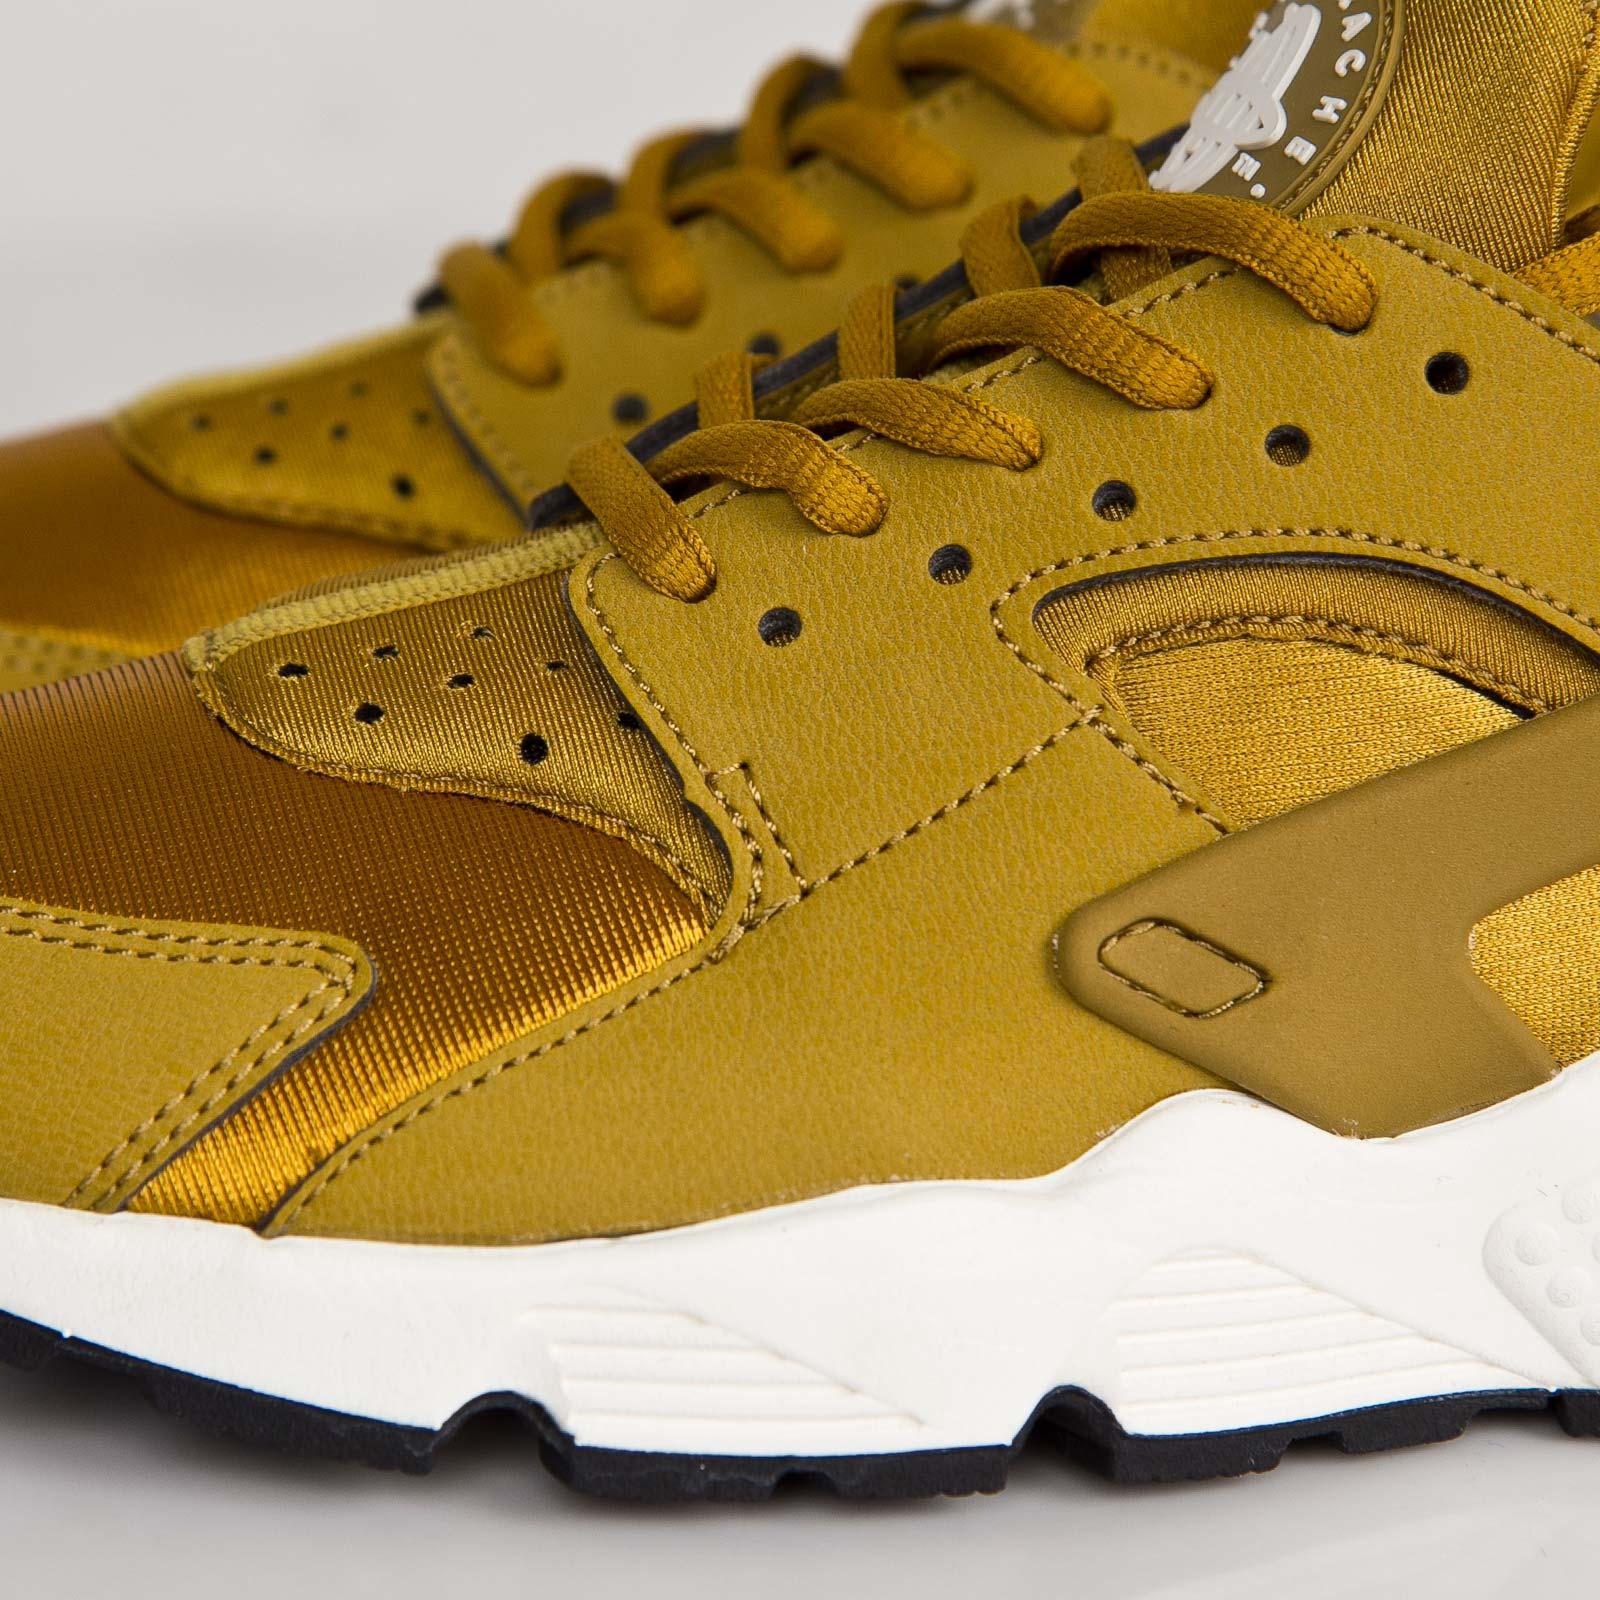 cheap for discount 0ecfa e14f0 Nike Wmns Air Huarache Run - 634835-700 - Sneakersnstuff ...